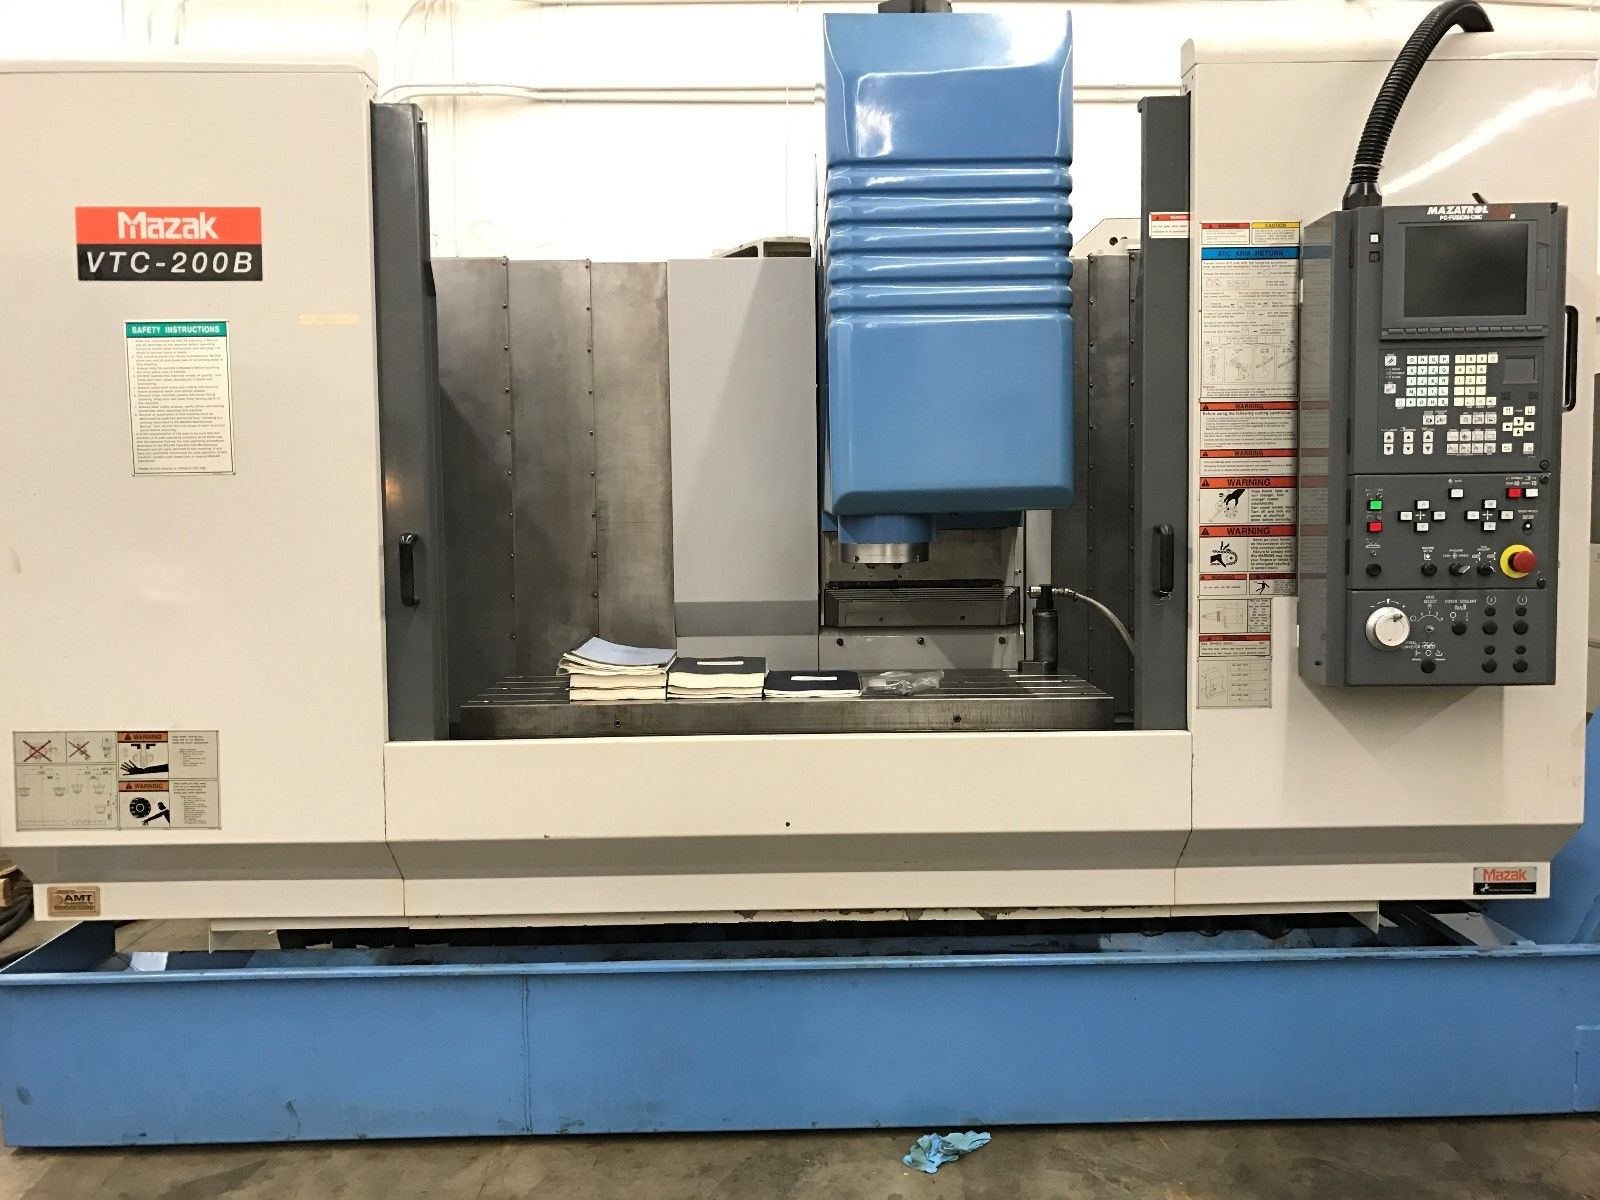 ... used-mazak-200b-vertical-machining-center ...